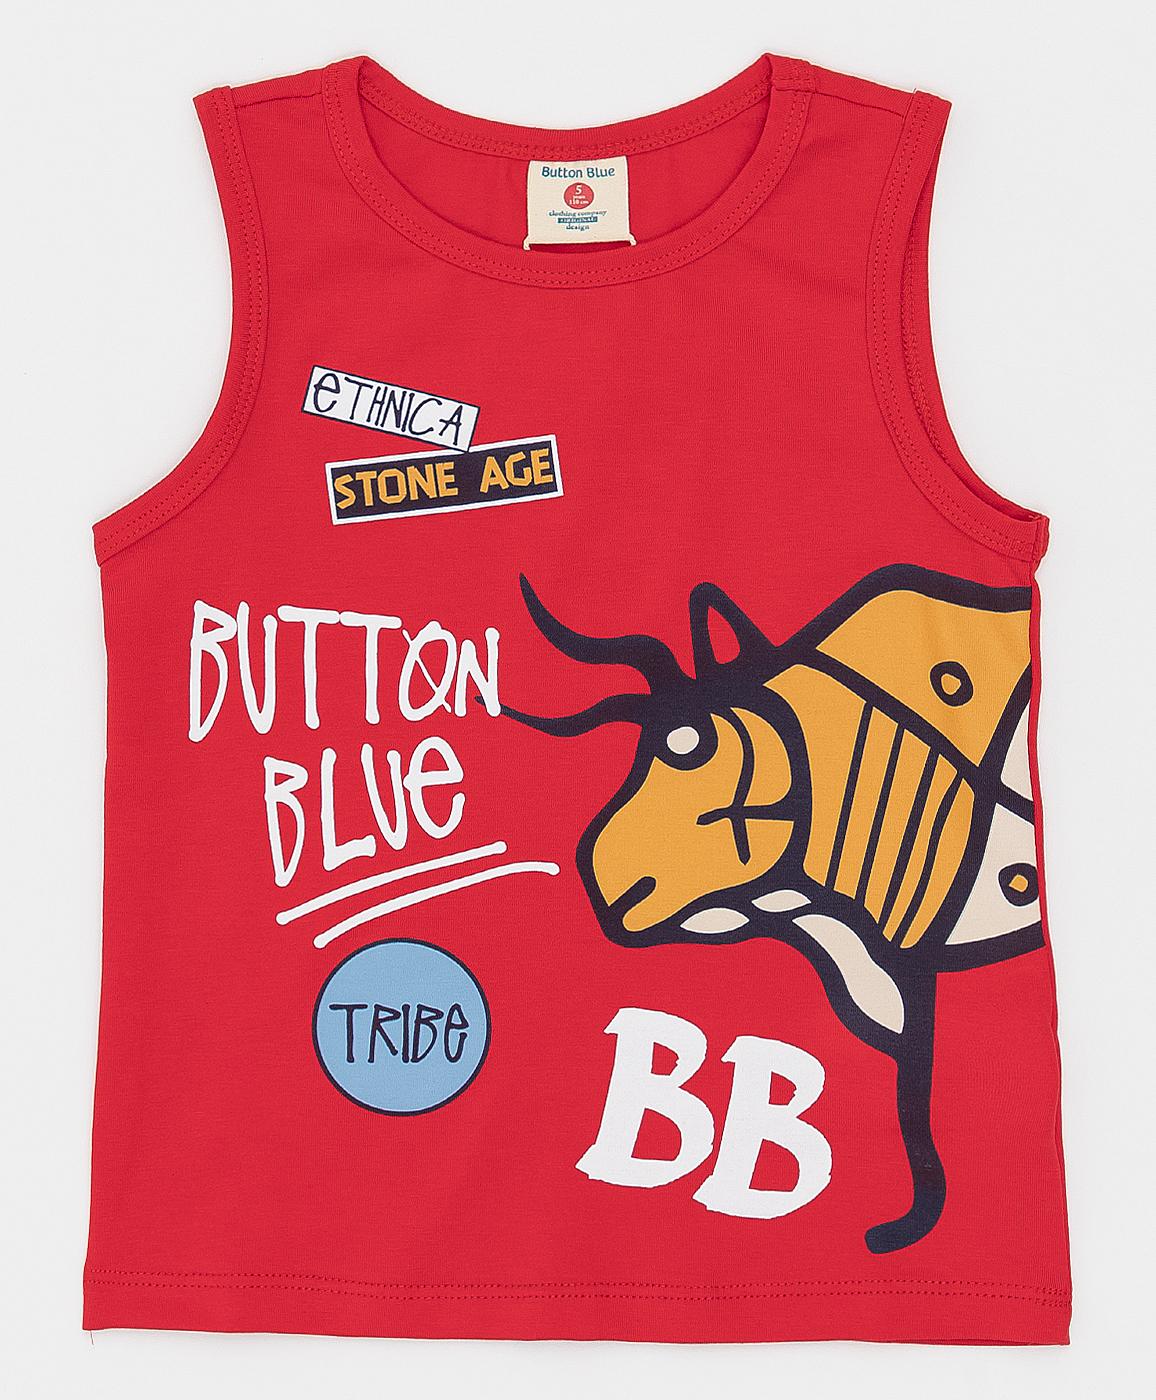 Купить 121BBBMC10033500, Красная майка Button Blue, красный, 104, Кроёный трикотаж, Мужской, Лето, ВЕСНА/ЛЕТО 2021 (shop: GulliverMarket Gulliver Market)